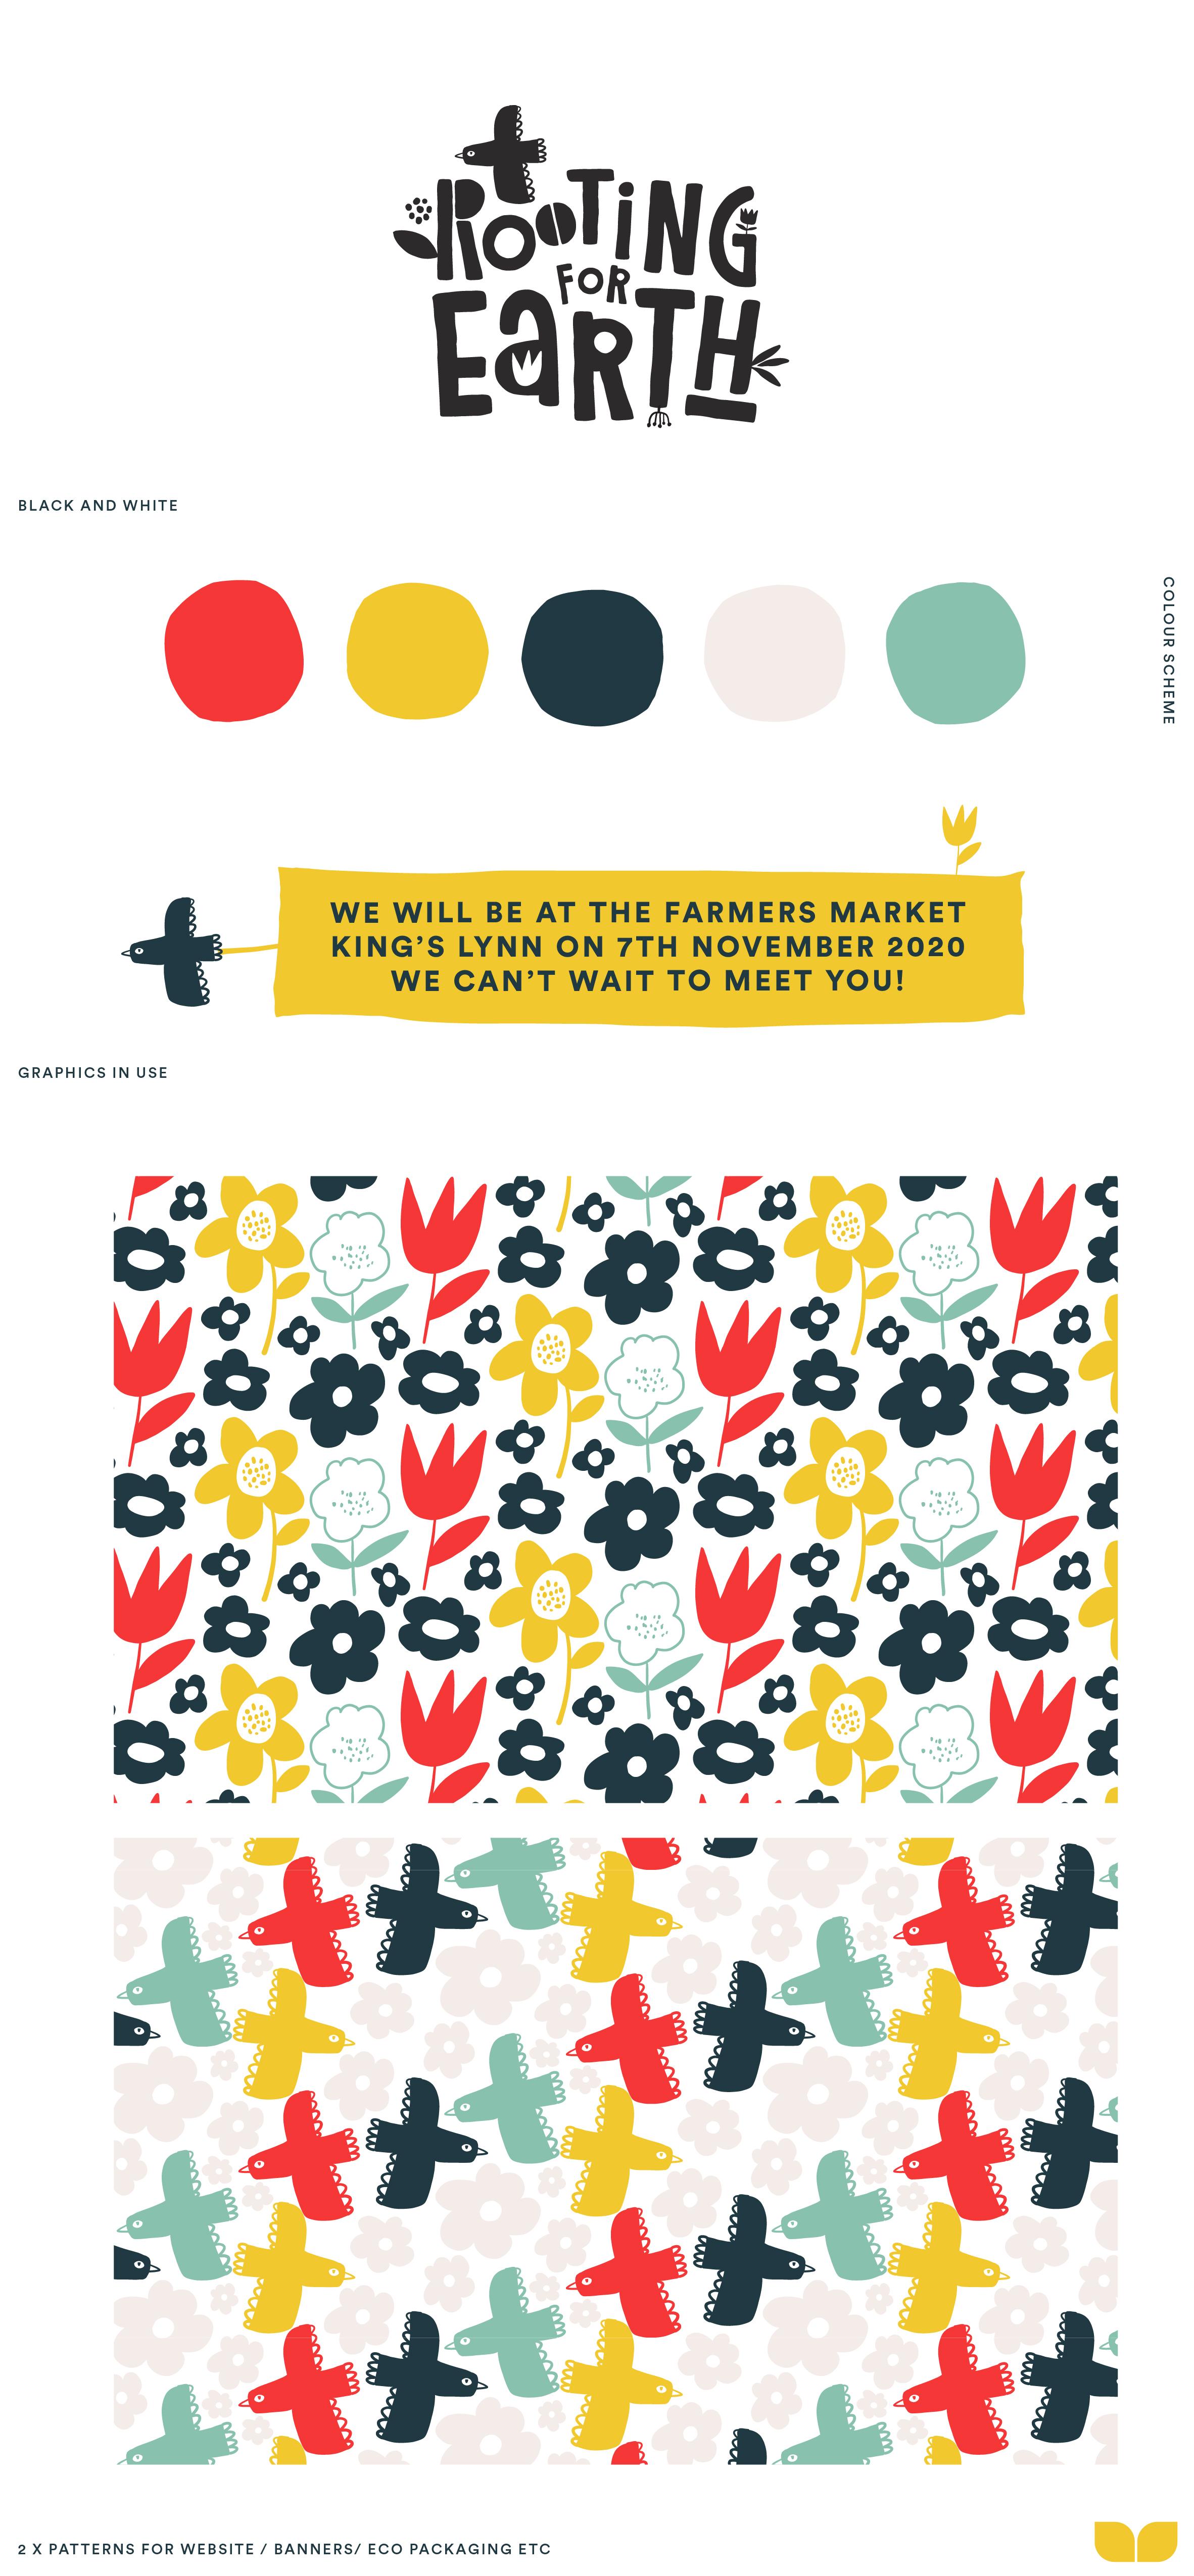 branding examples 2019 onward-15